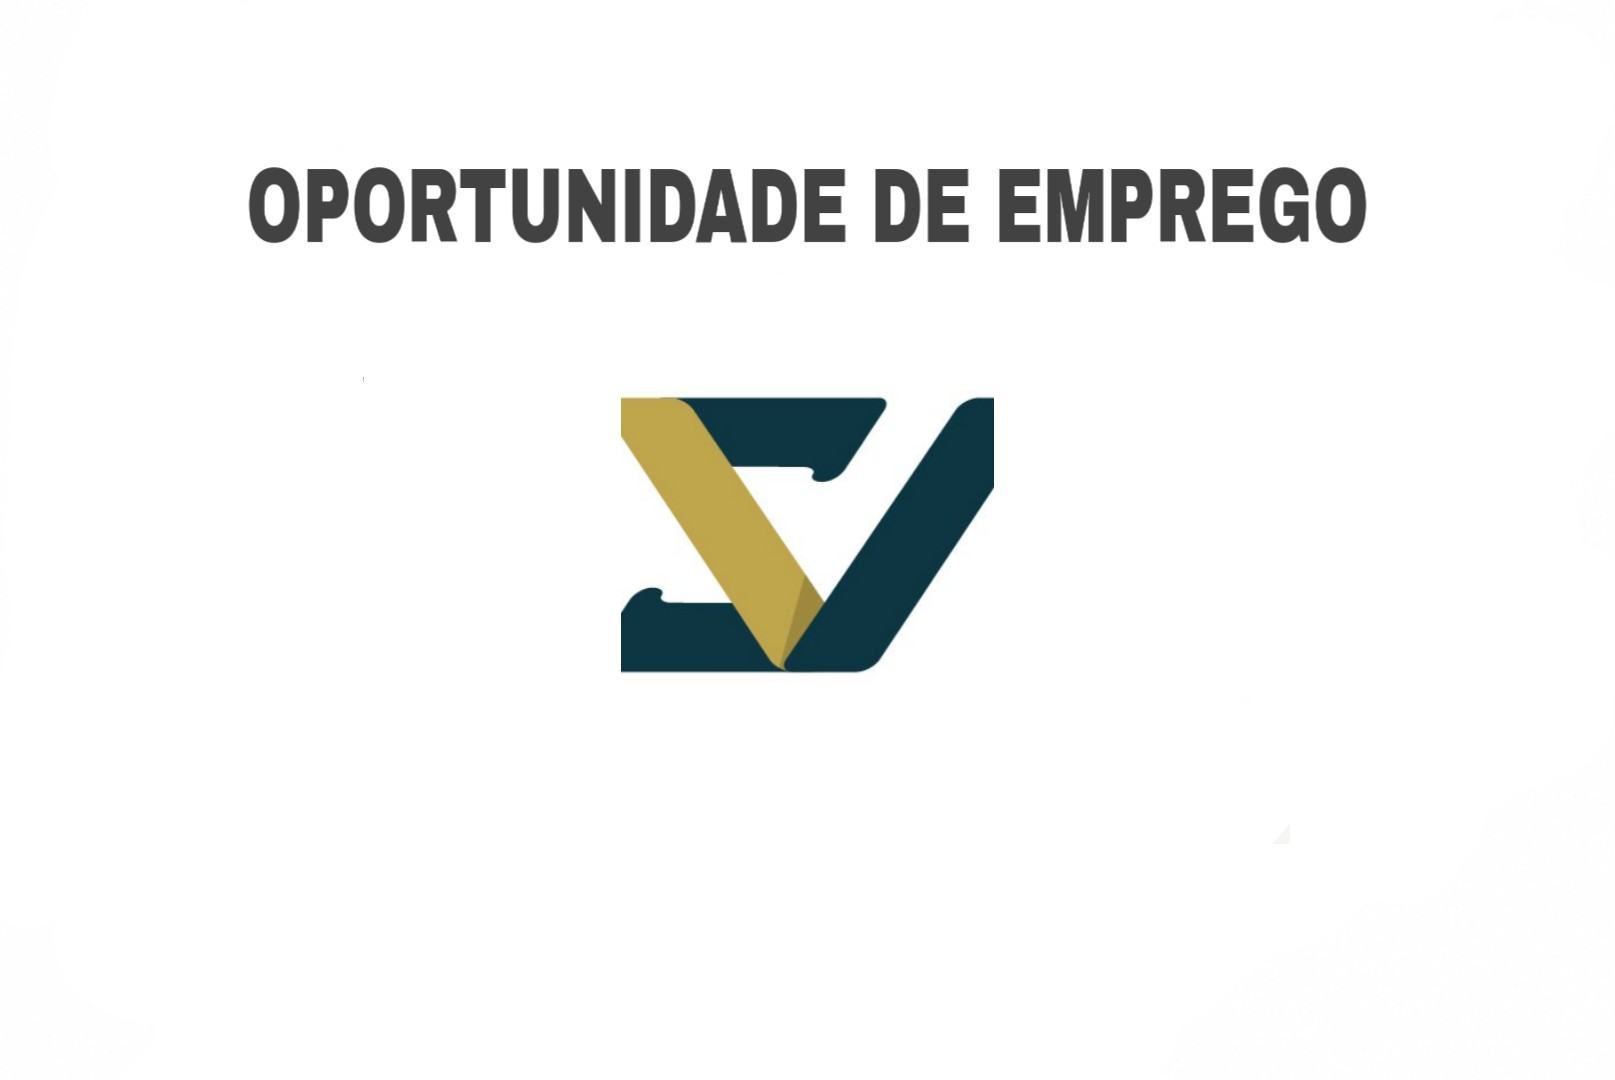 """A Semente & Victorino Consulting (""""SVC"""") é uma empresa de consultoria e estratégia focada em gestão de capital  humano e imigração corporativa"""